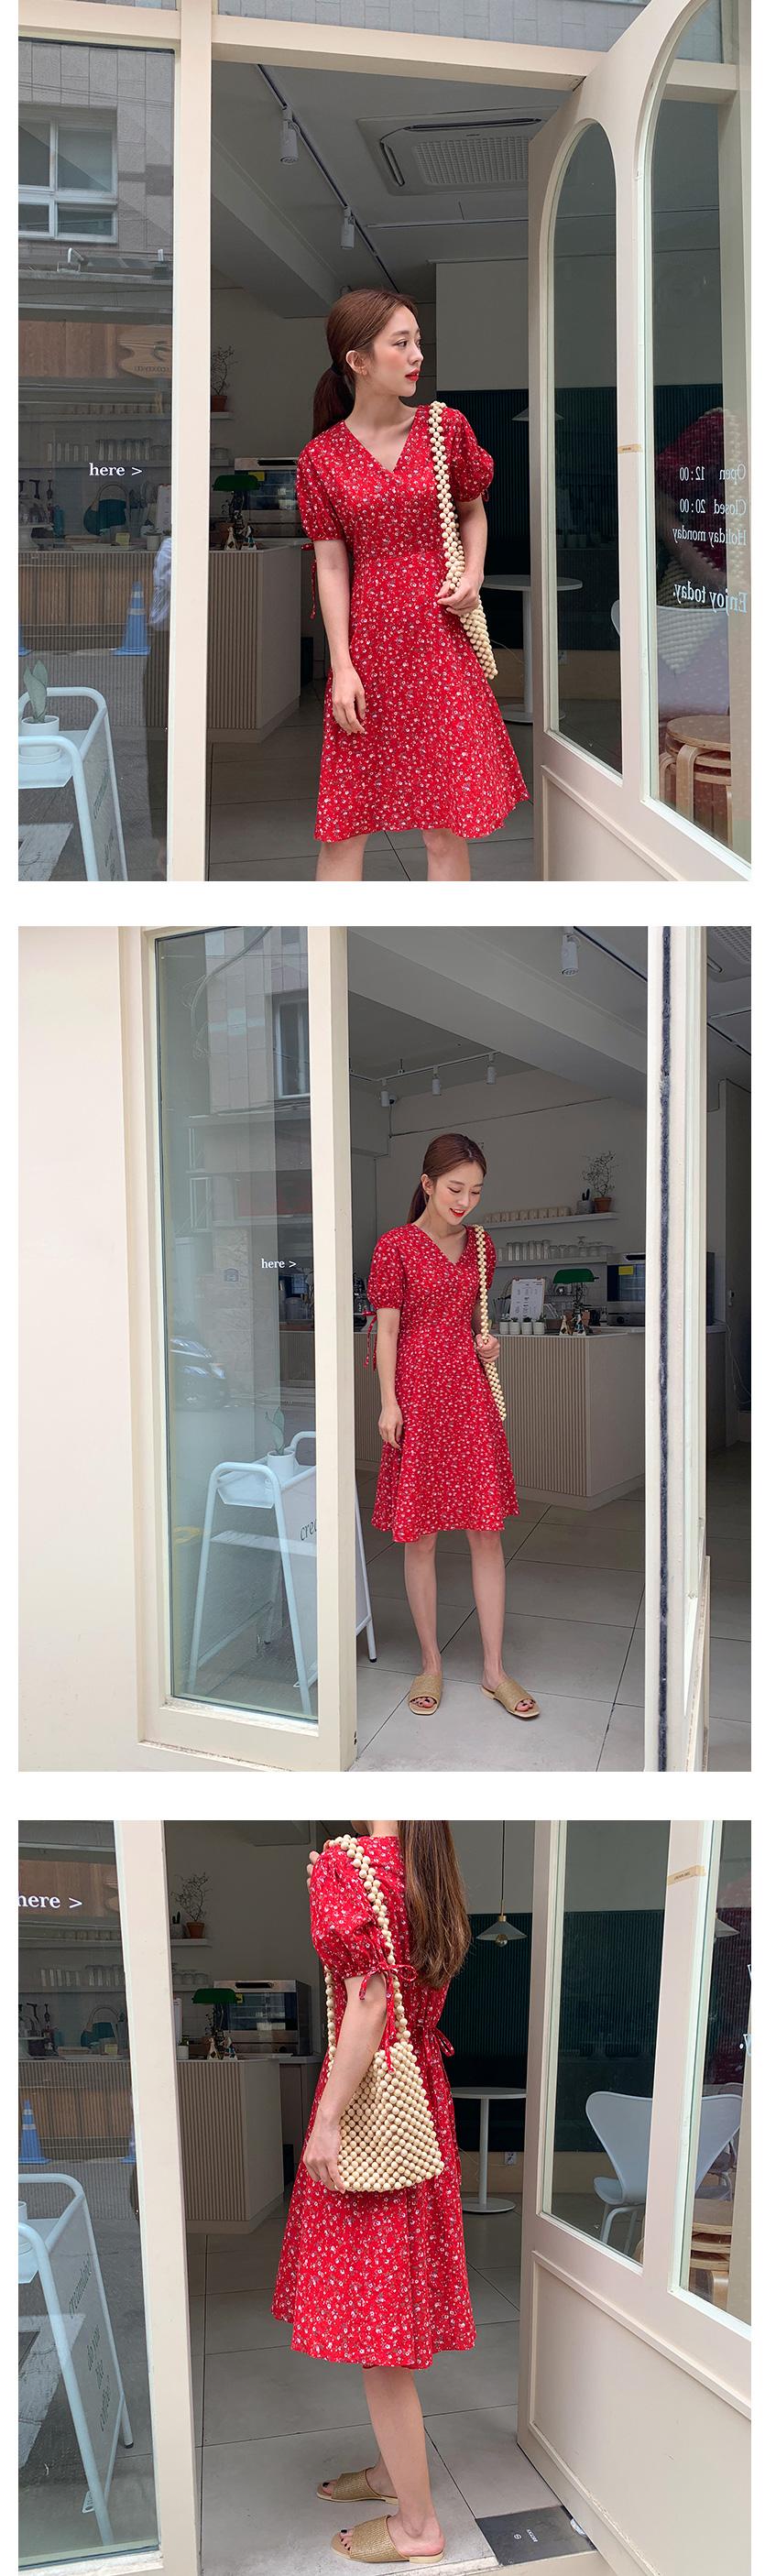 Simular rattan pattern slipper_Y